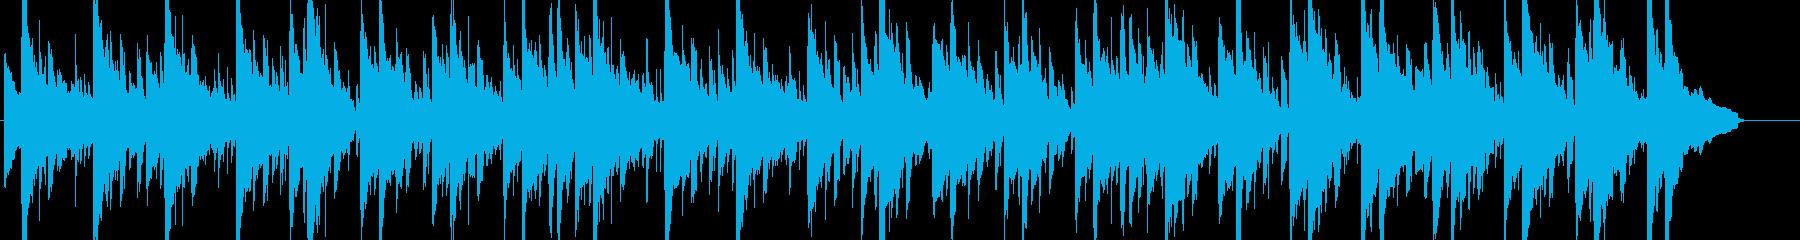 のんびりと余裕を感じるおしゃれなBGMの再生済みの波形